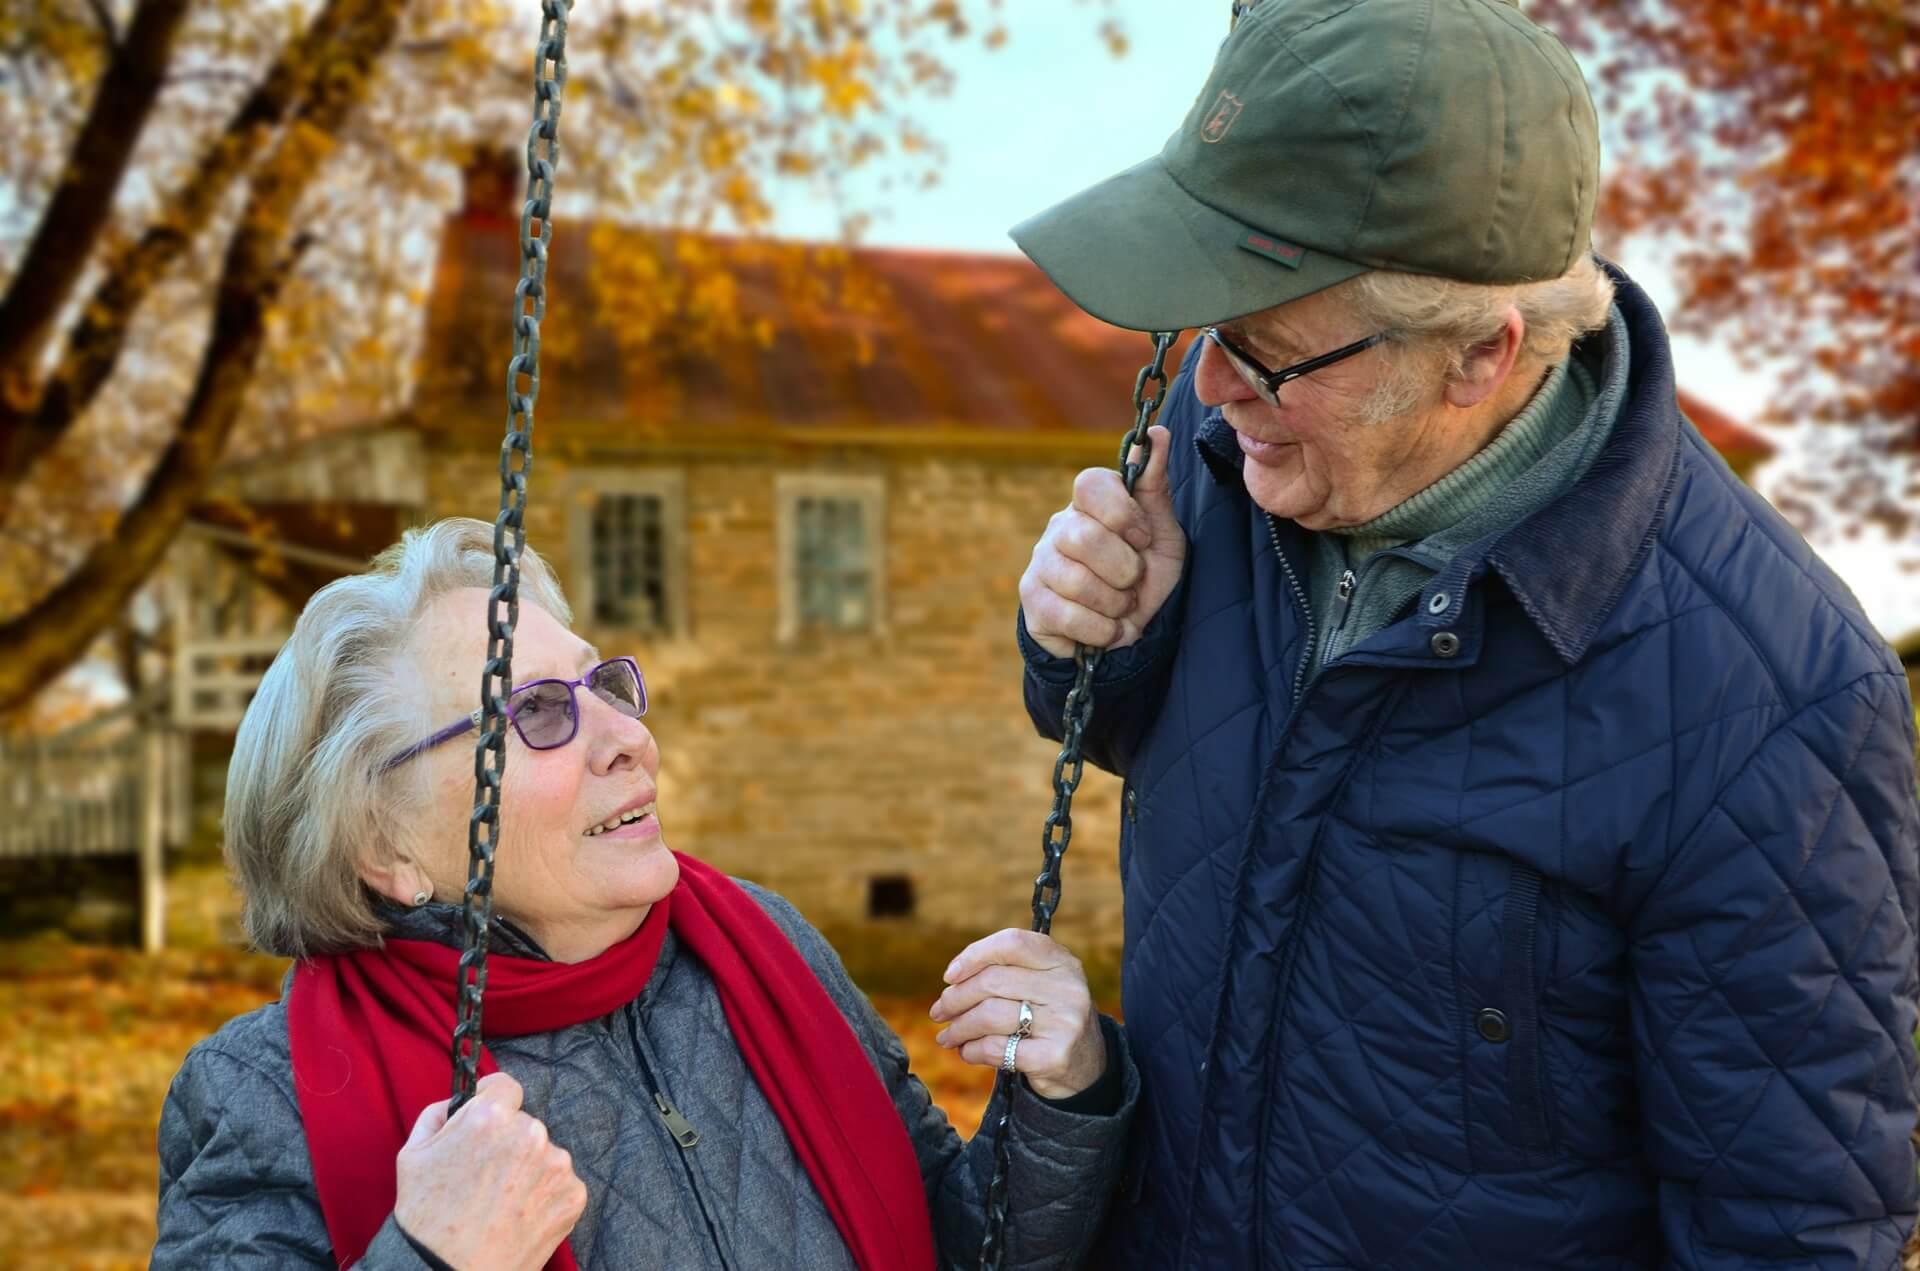 Pflegeheim: Doppelte Haushaltsersparnis für Ehepaare?